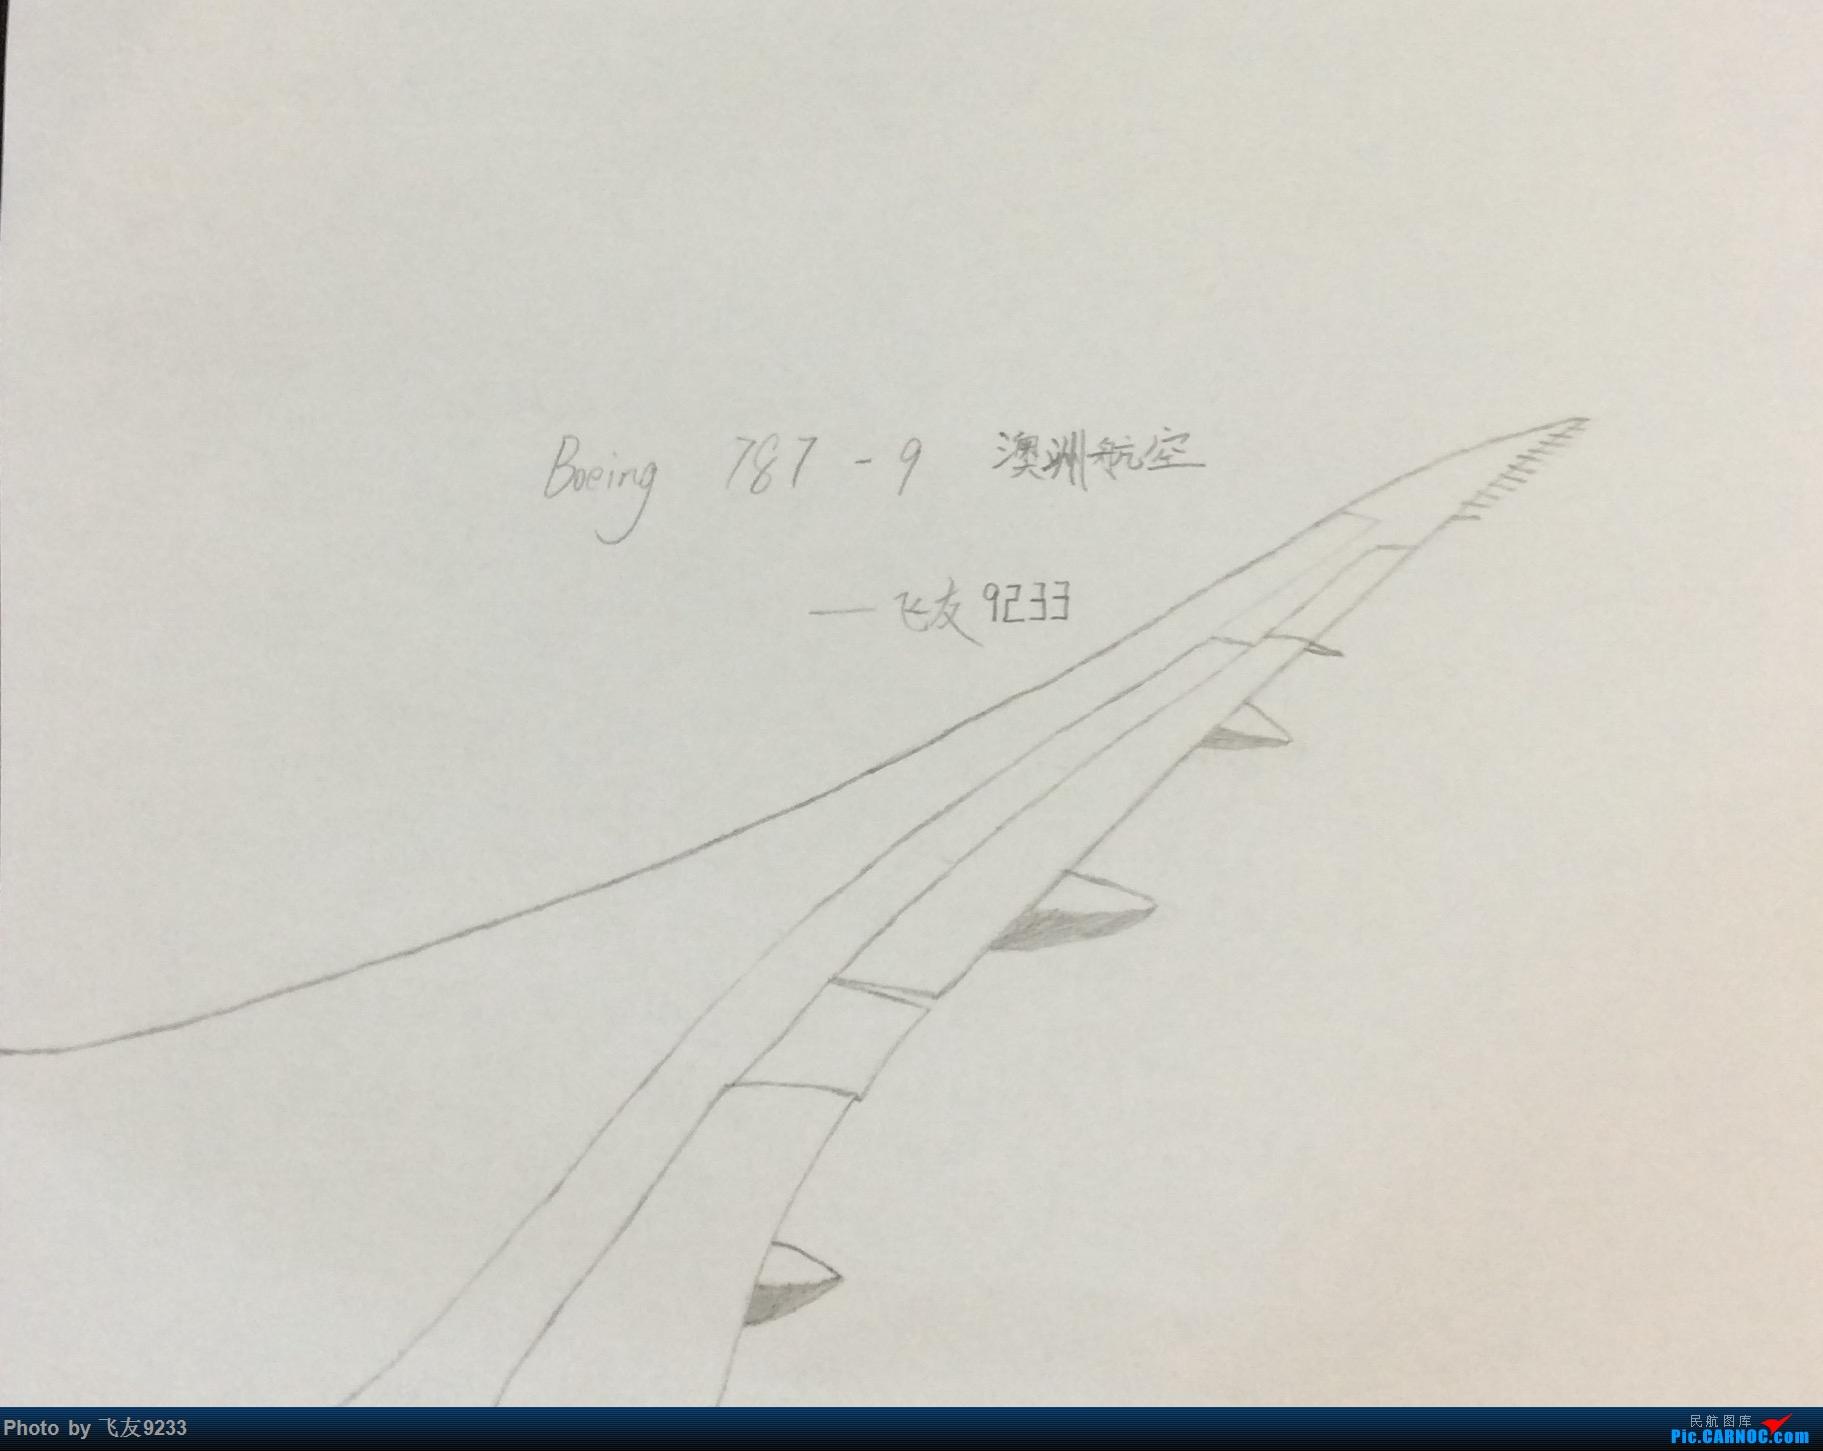 [原创]自己瞎画的787机翼😅 波音787-9 VH-ZNA 武汉